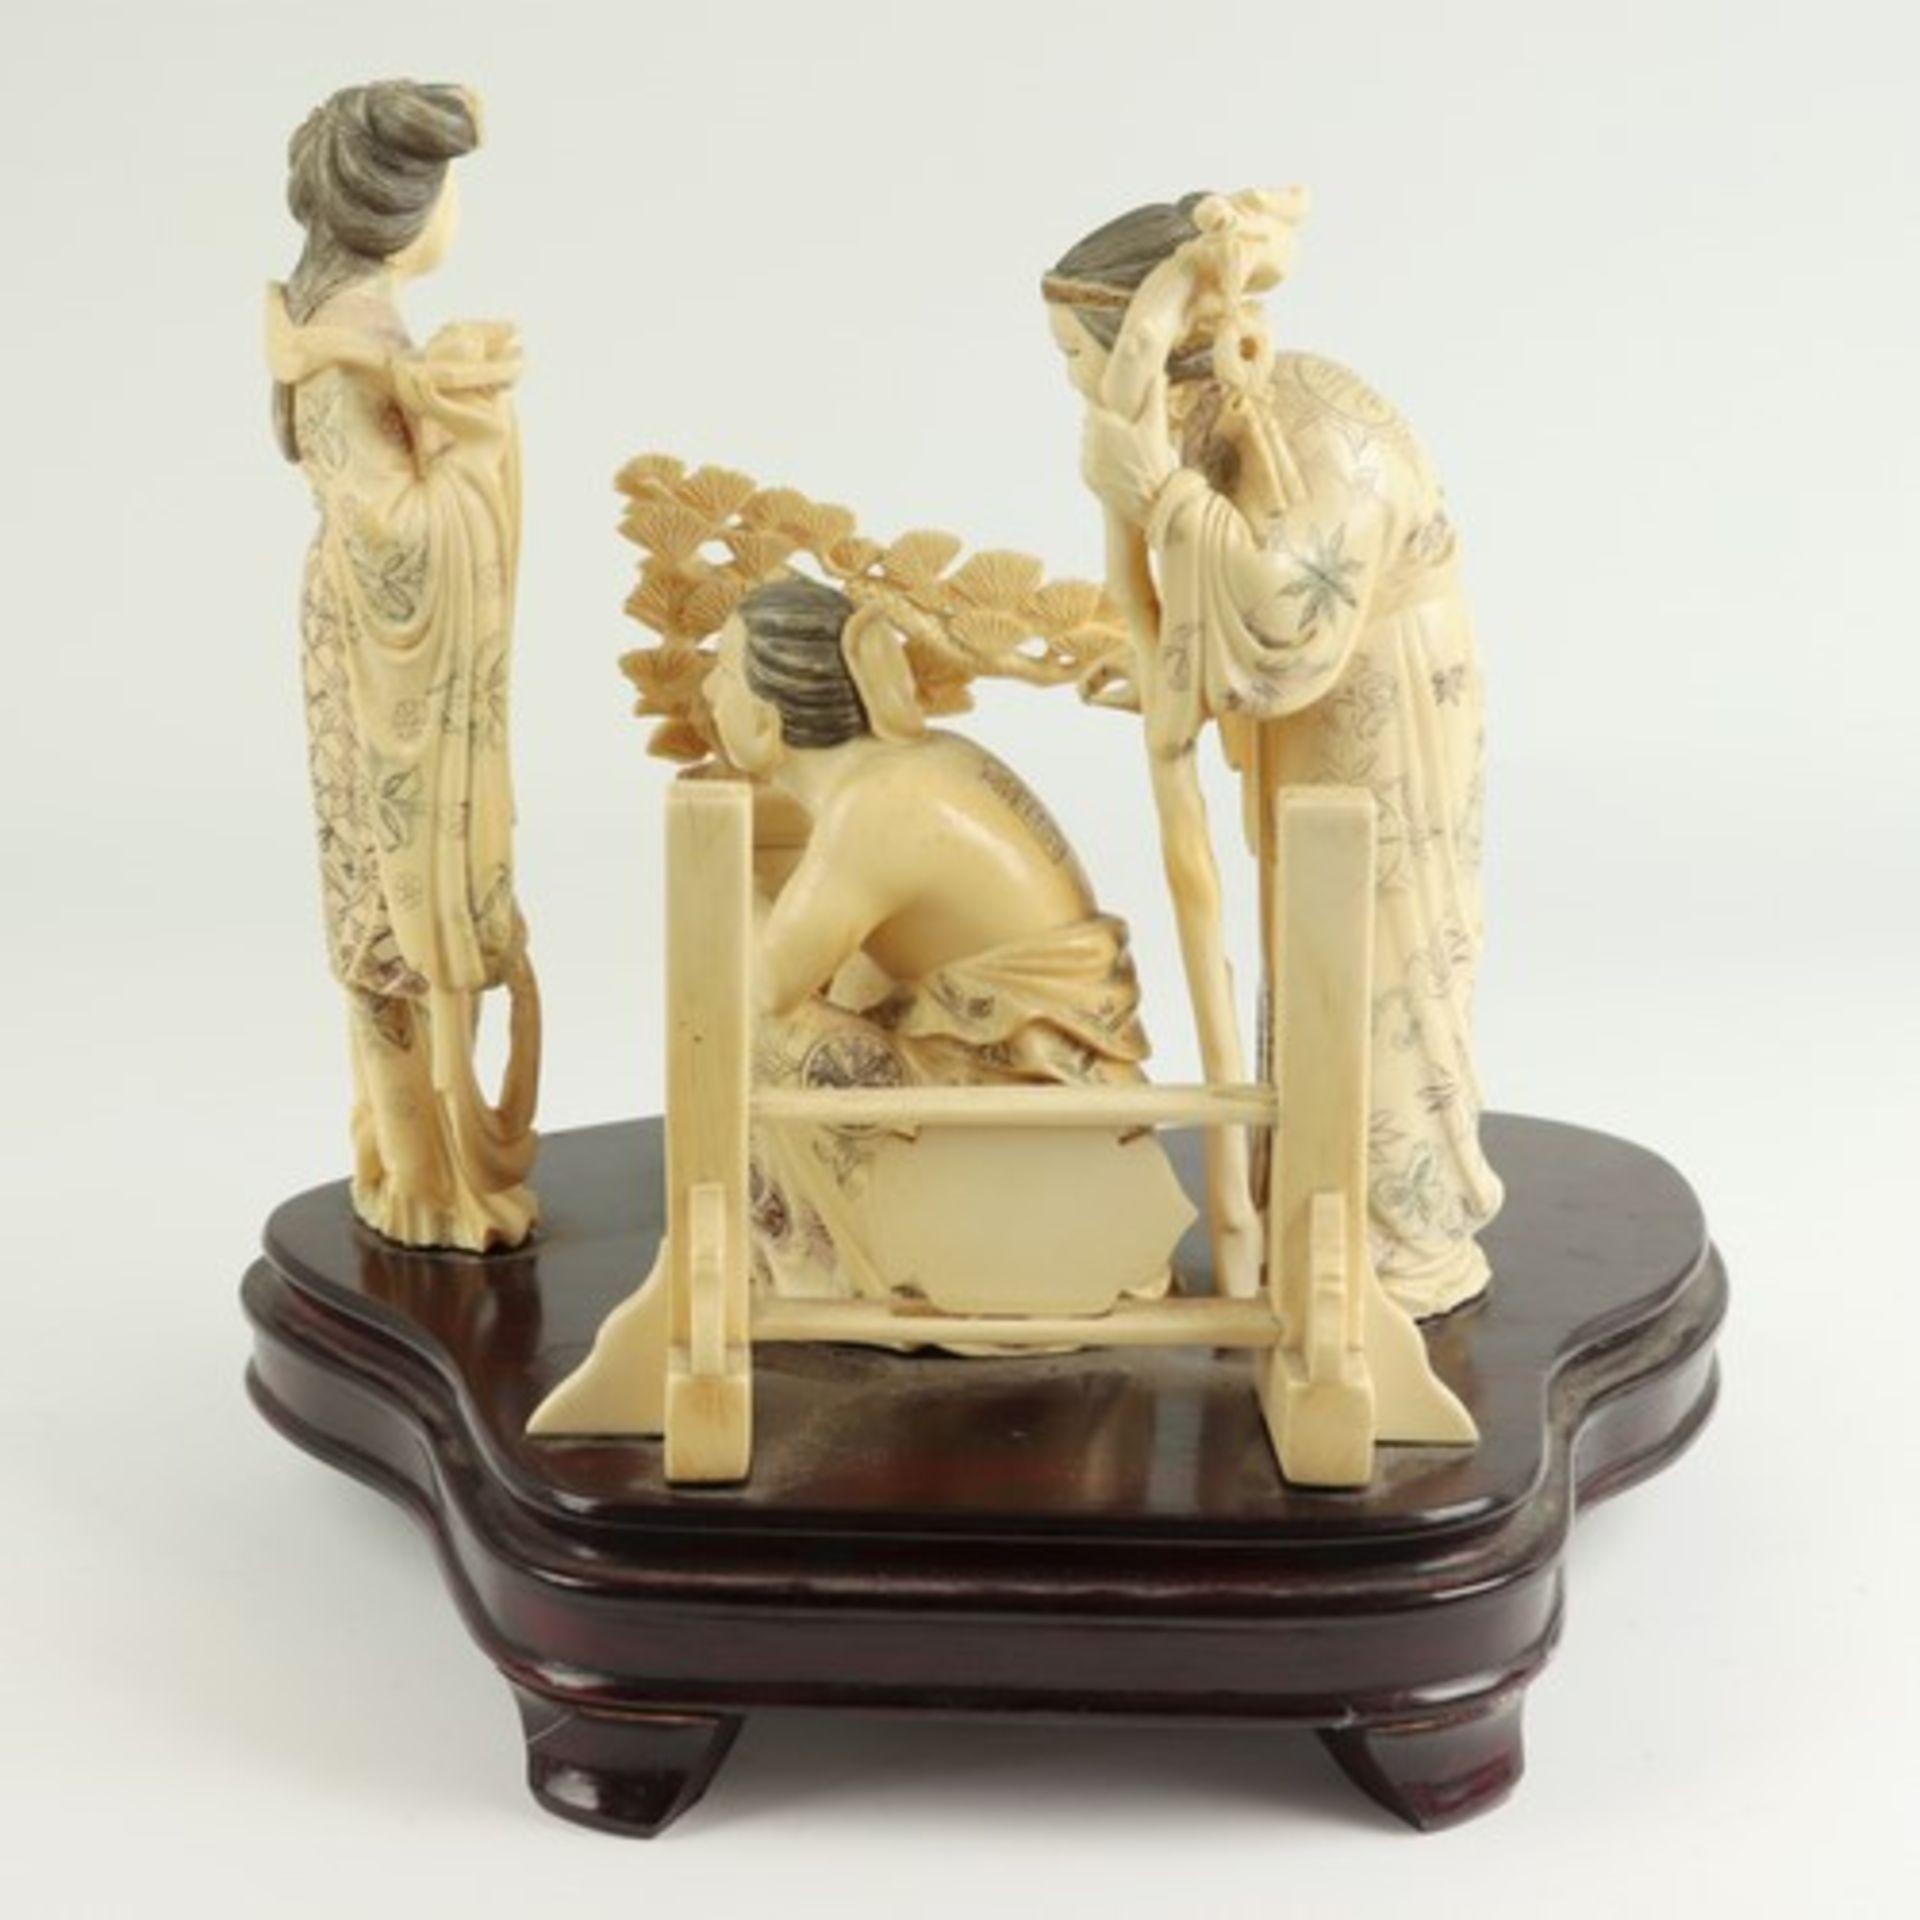 Figurengruppe - Elfenbeinschnitzereium 1900/10, auf geschwungenem, profiliertem Holzsockel, - Bild 4 aus 6